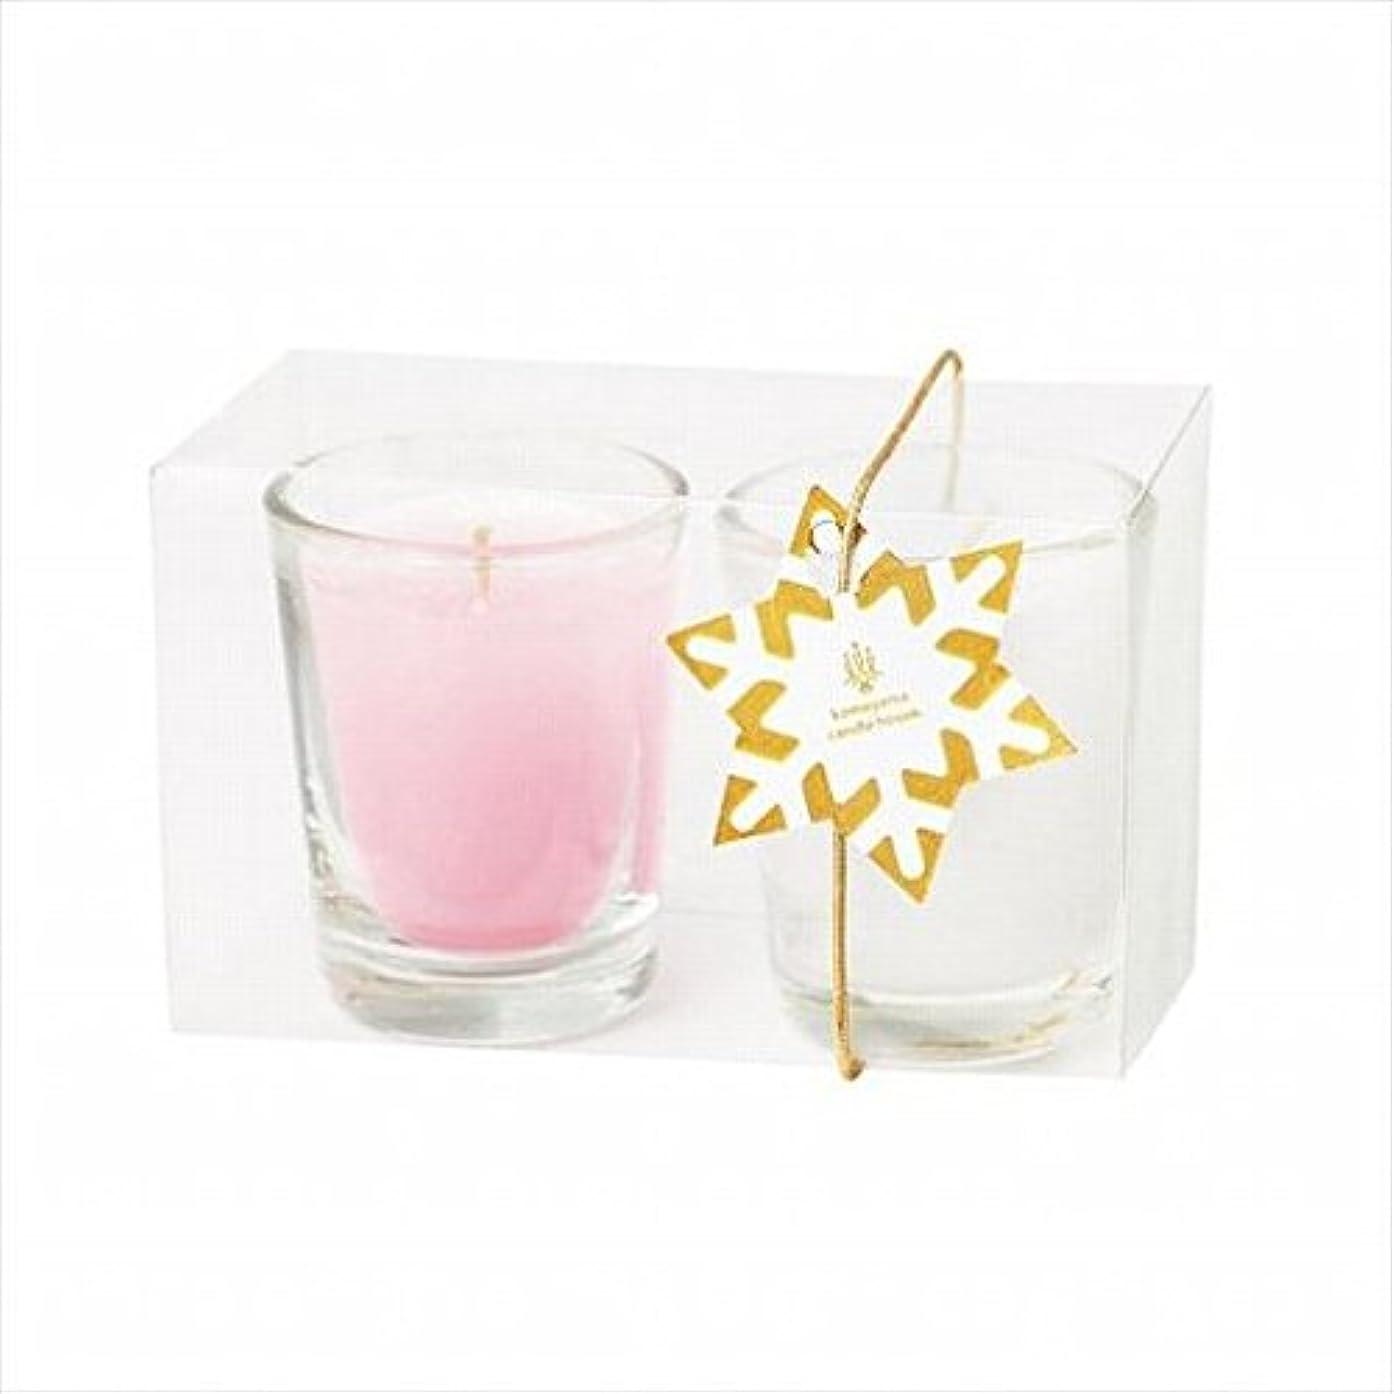 つまずく富豪貝殻kameyama candle(カメヤマキャンドル) ミニライト2個入り 「 ホワイト&ピンク 」(A9570020)